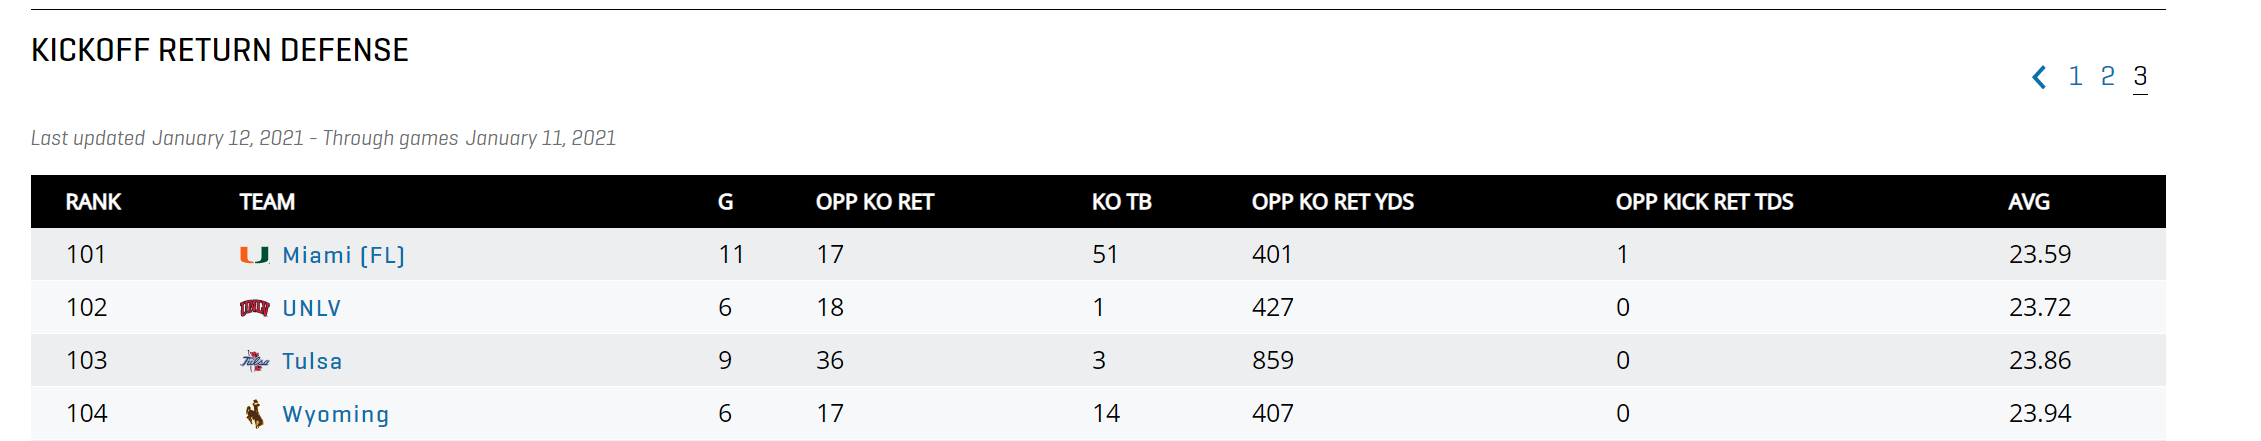 kickoff return defense.PNG